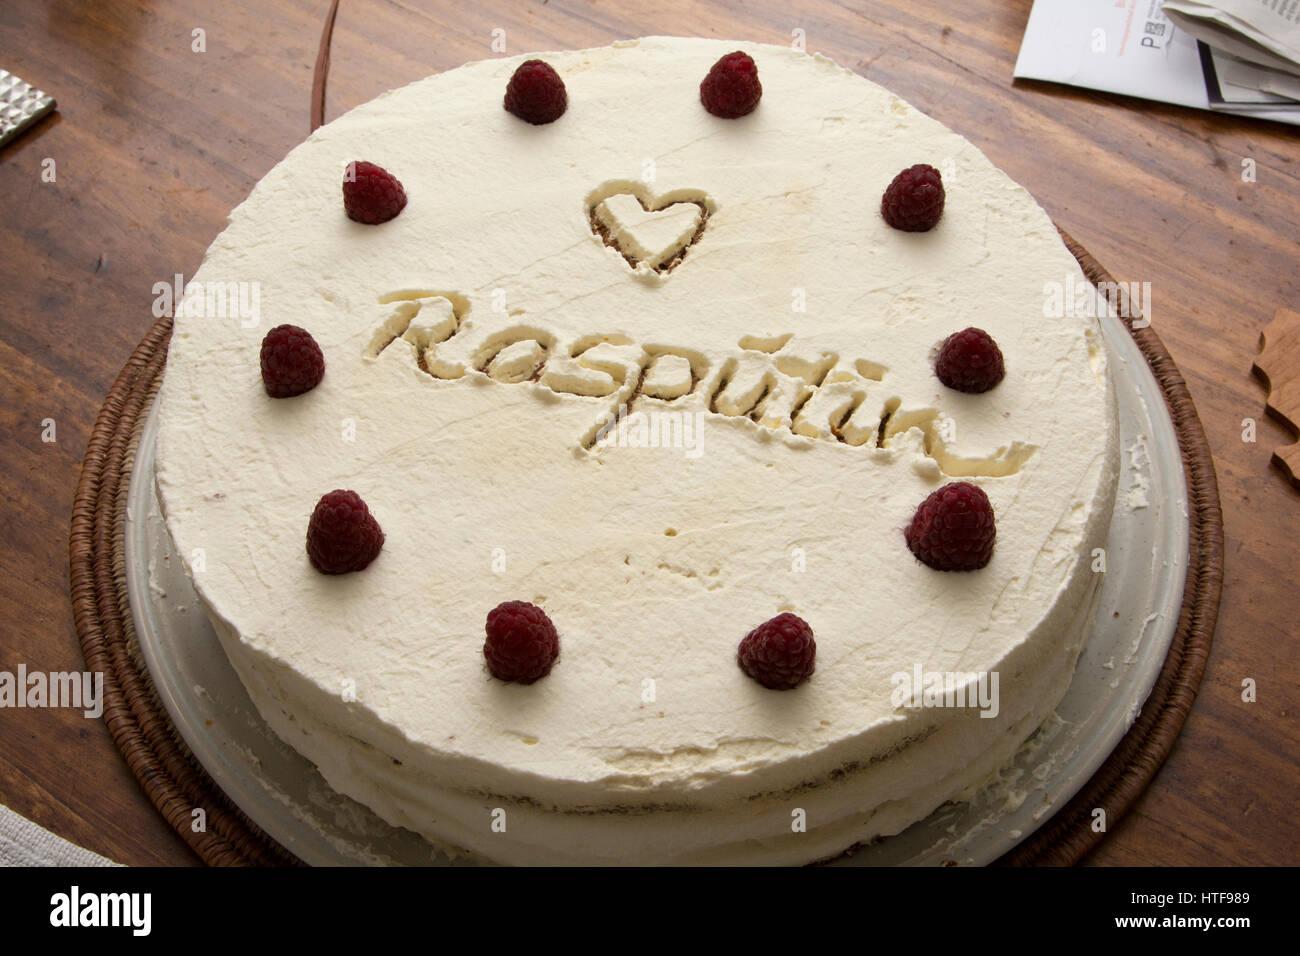 Ein hausgemachter Kuchen serviert ornamentic Dekorationselemente ...